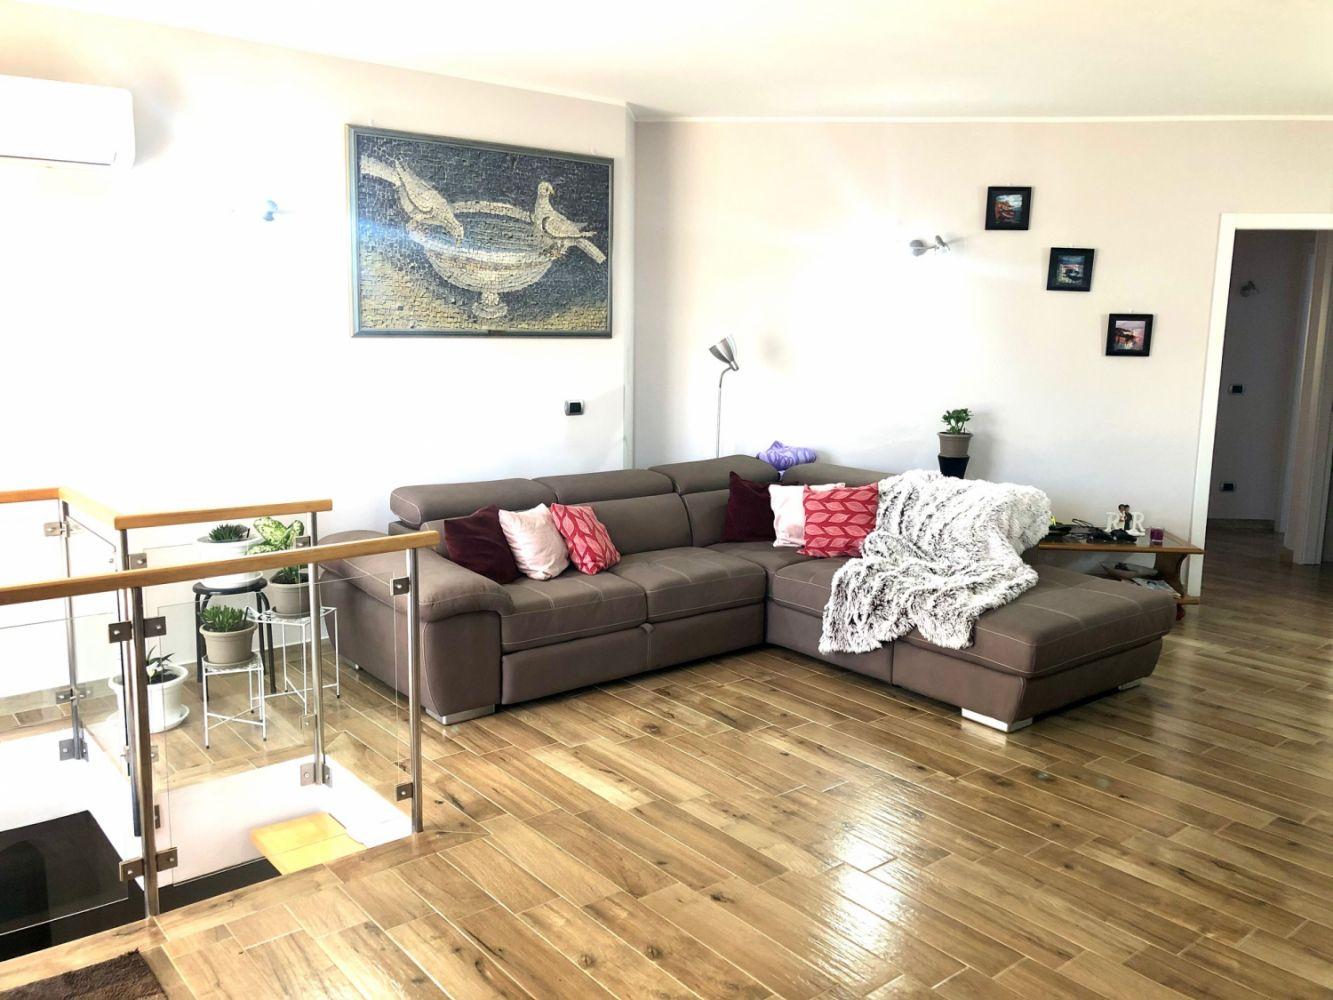 Vendita Appartamento – Via Giuseppe De Biase – Alghero